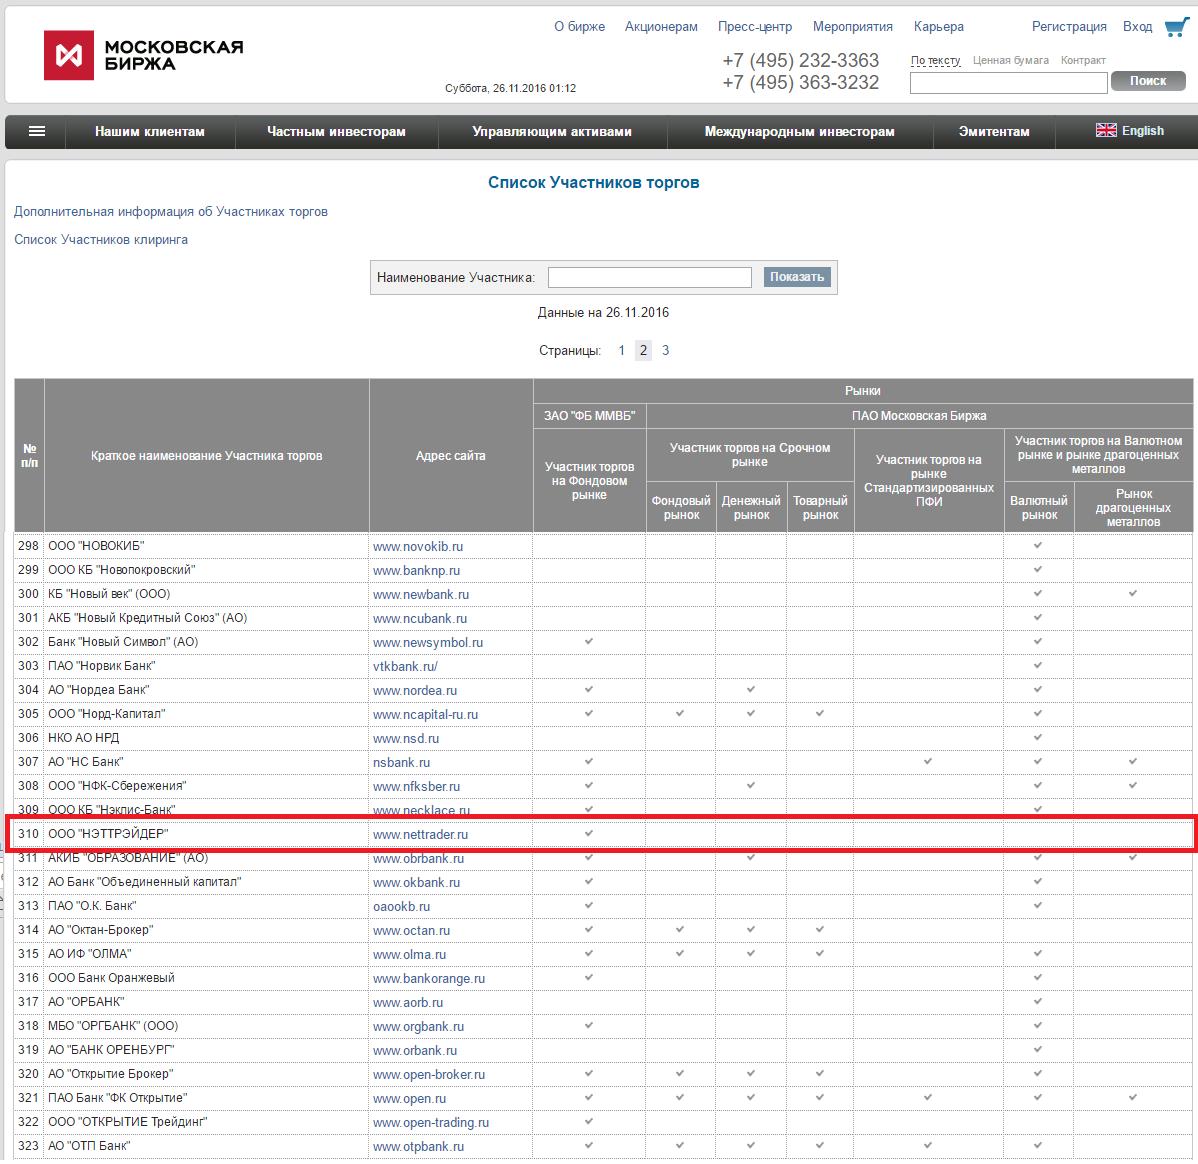 Nettrader на Московской бирже: